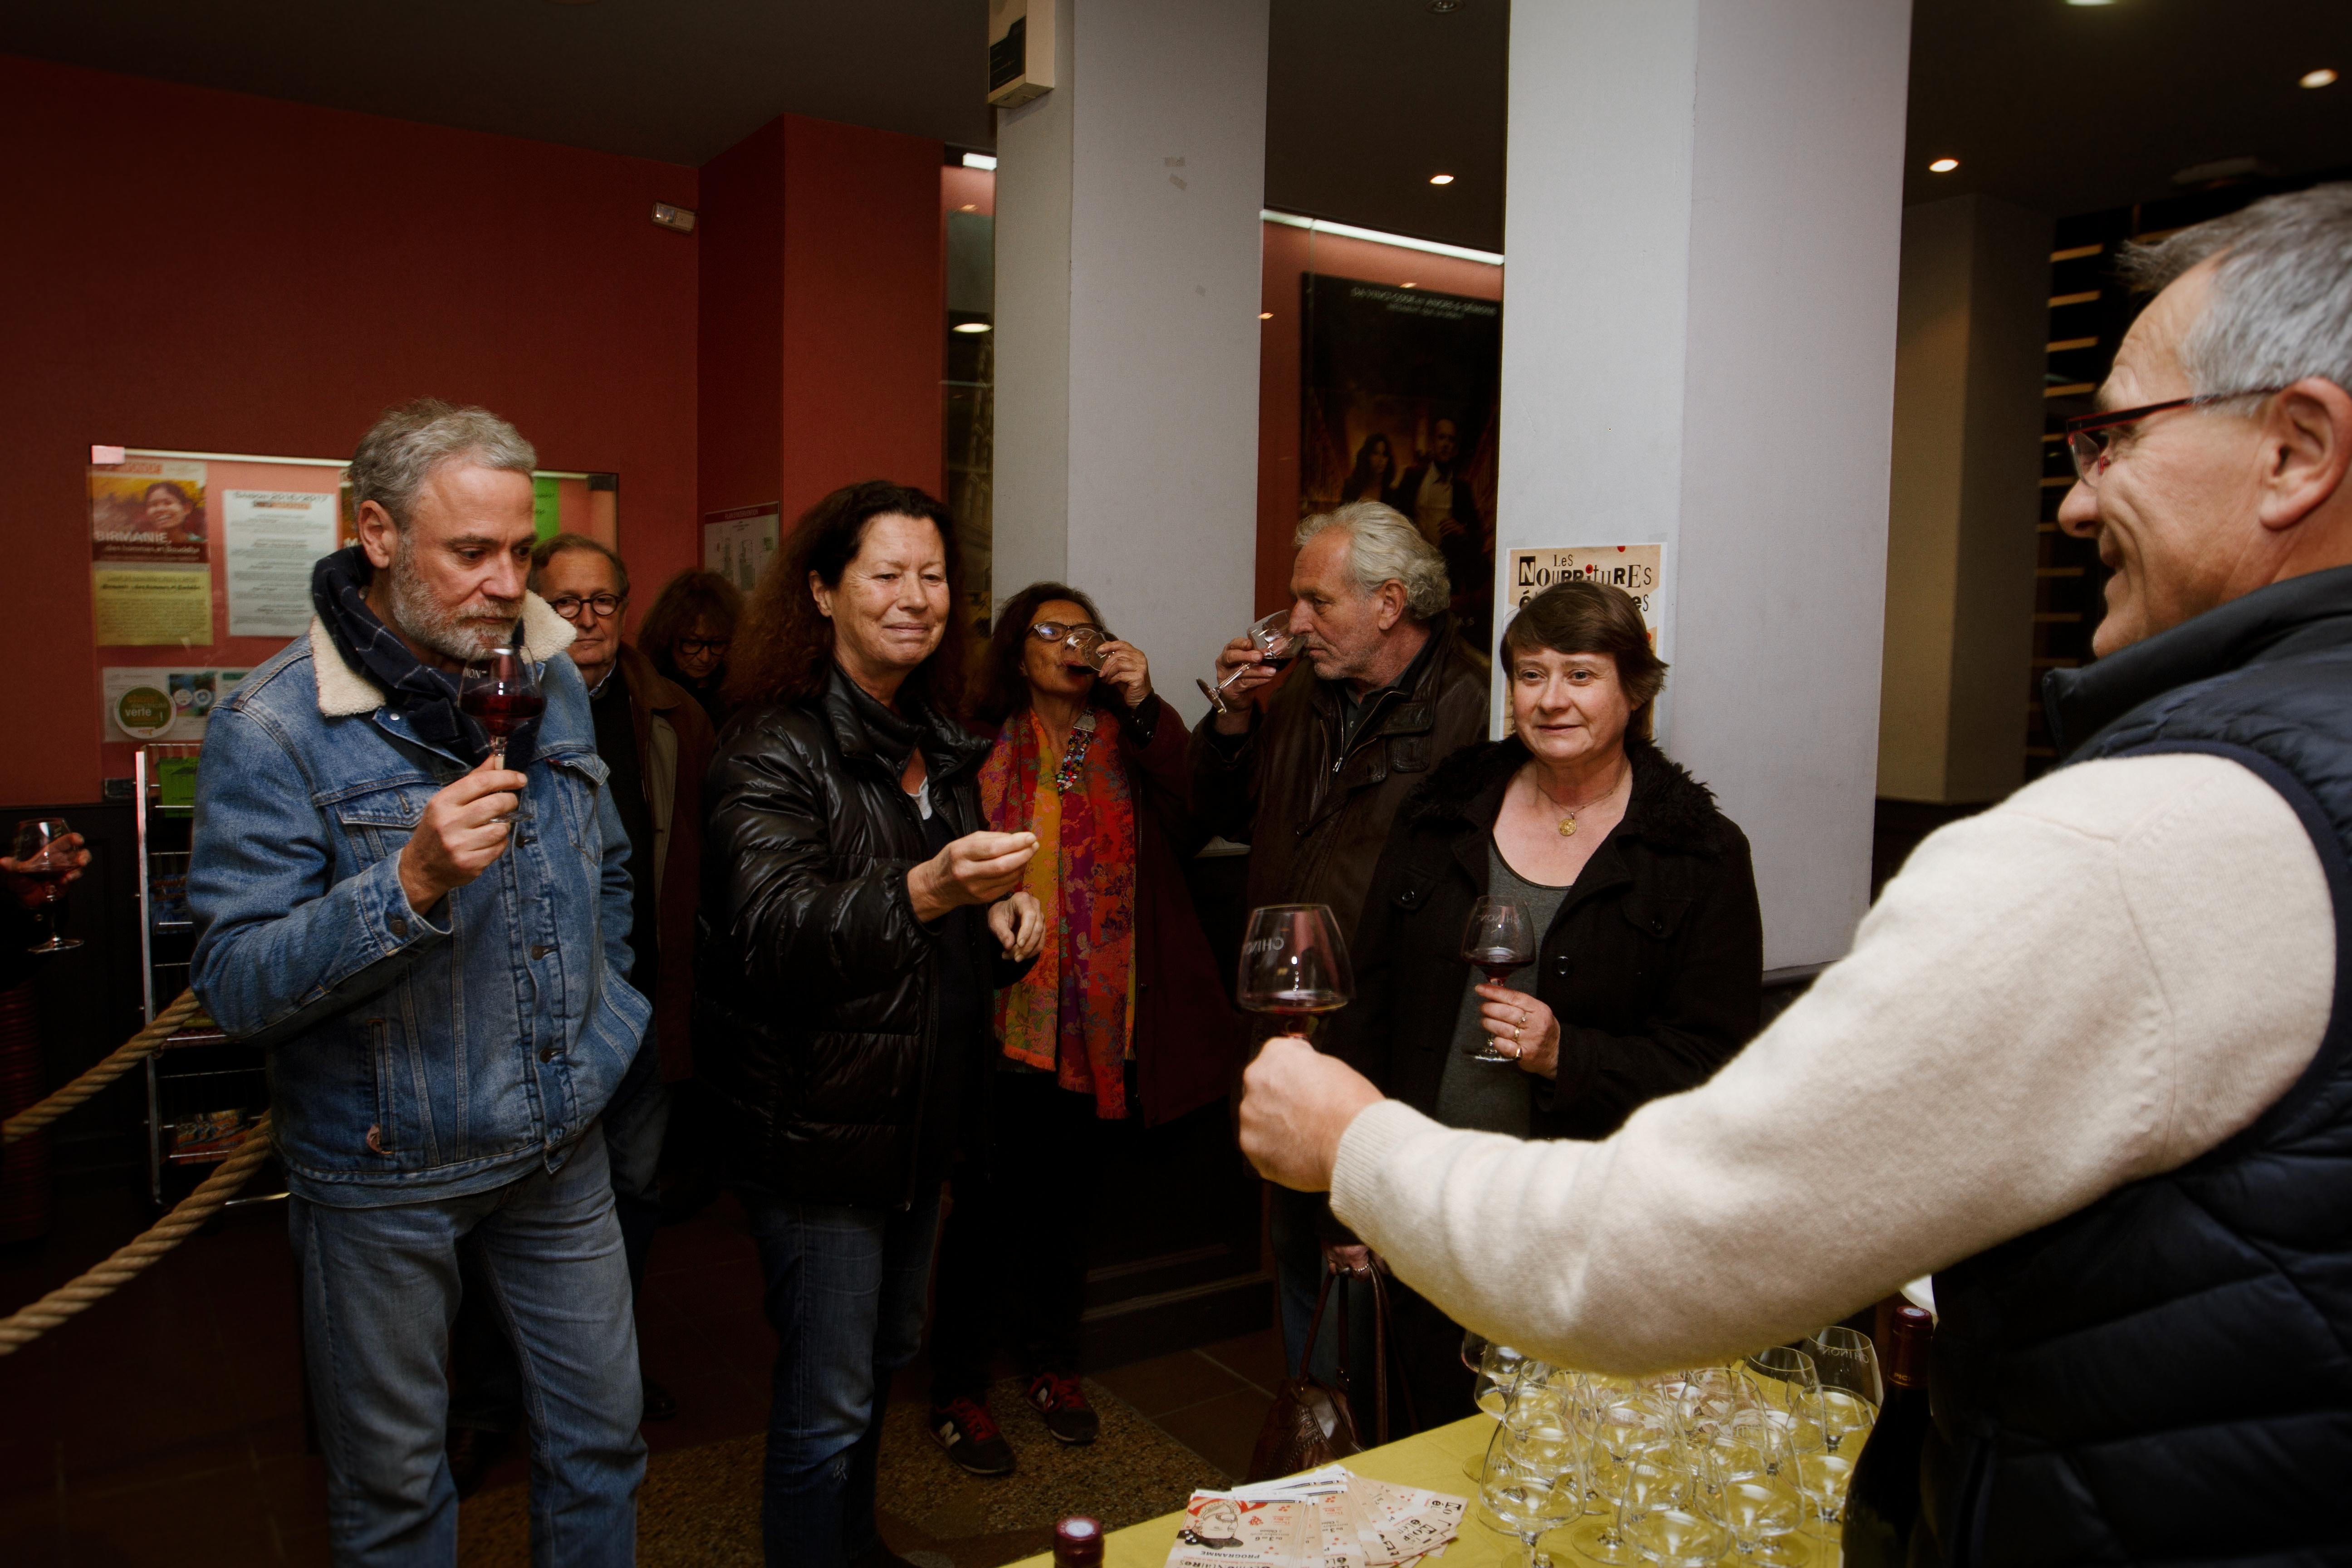 Jeudi 3 novembre - Dégustation de vins du Domaine Jourdan Pichard au cinéma